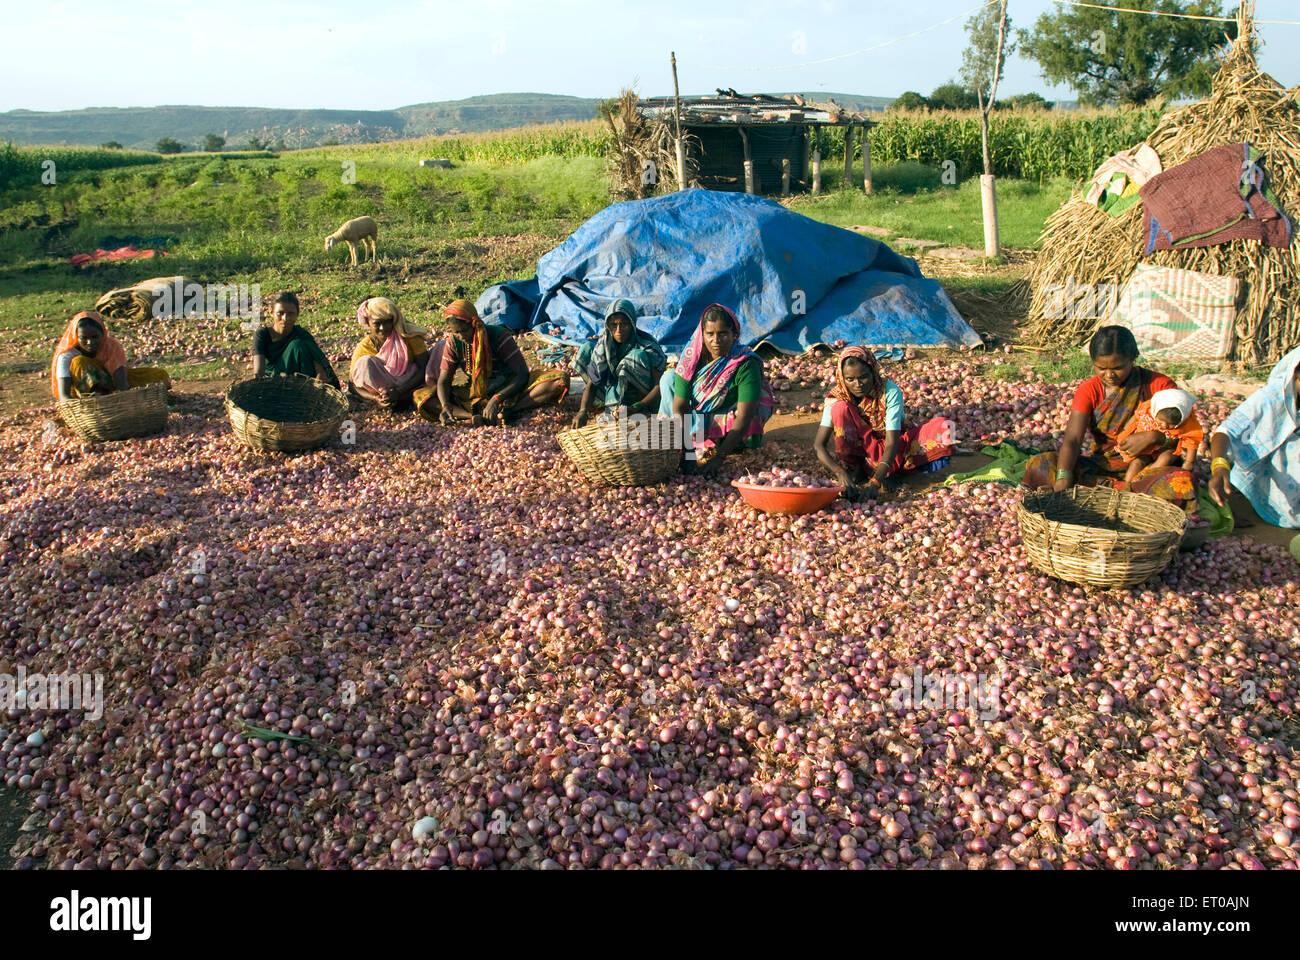 Grading the harvested onion near Pattadakal ; Karnataka ; India - Stock Image